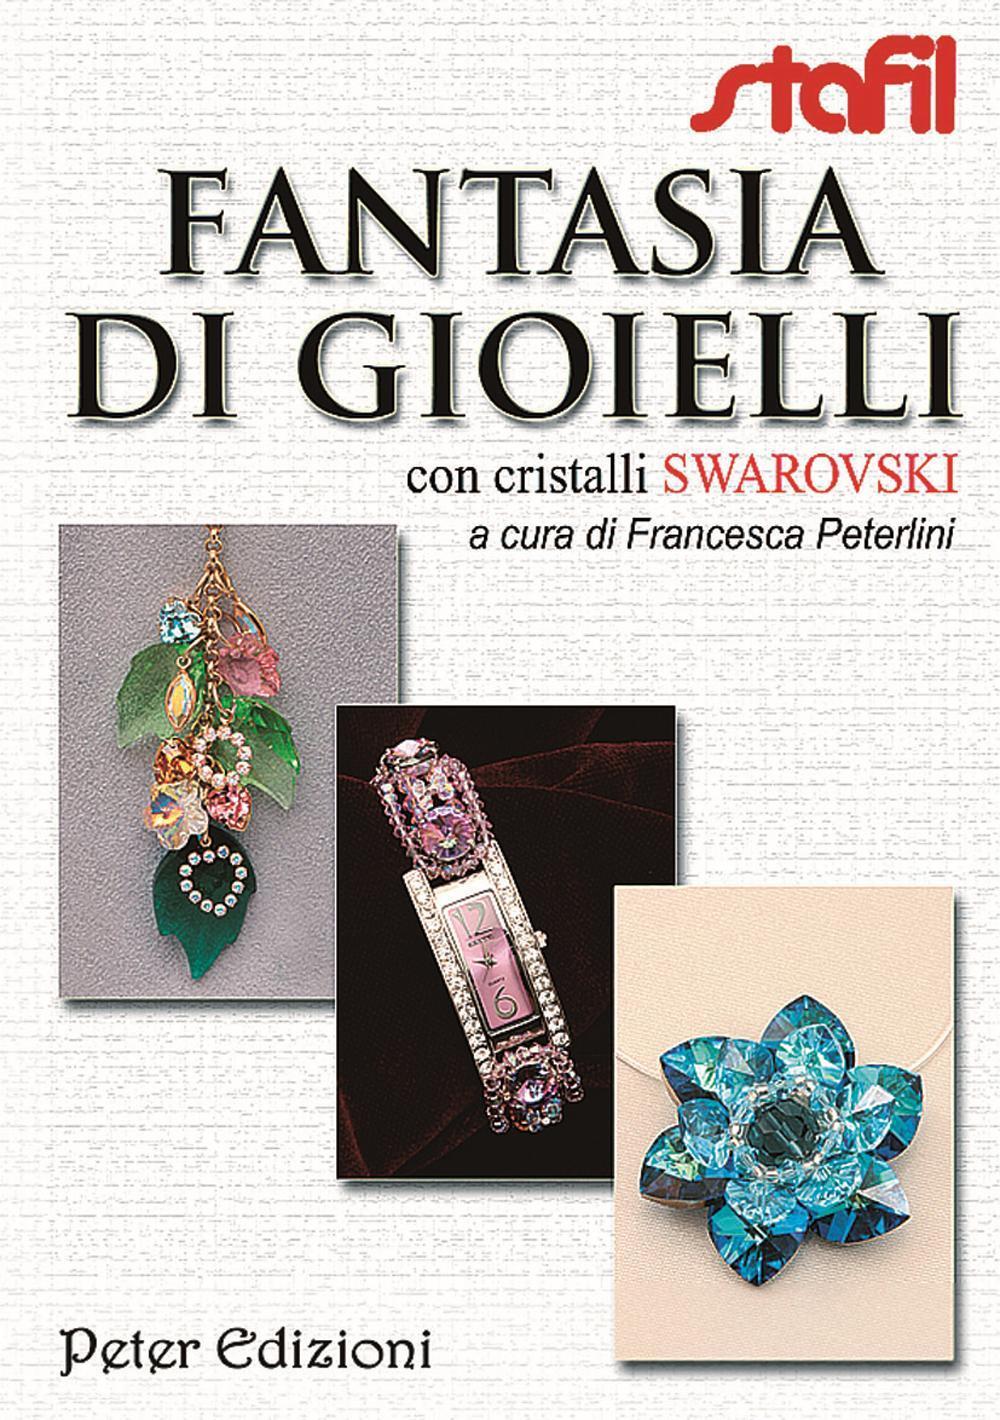 Fantasia di gioielli con cristalli Swarovski.